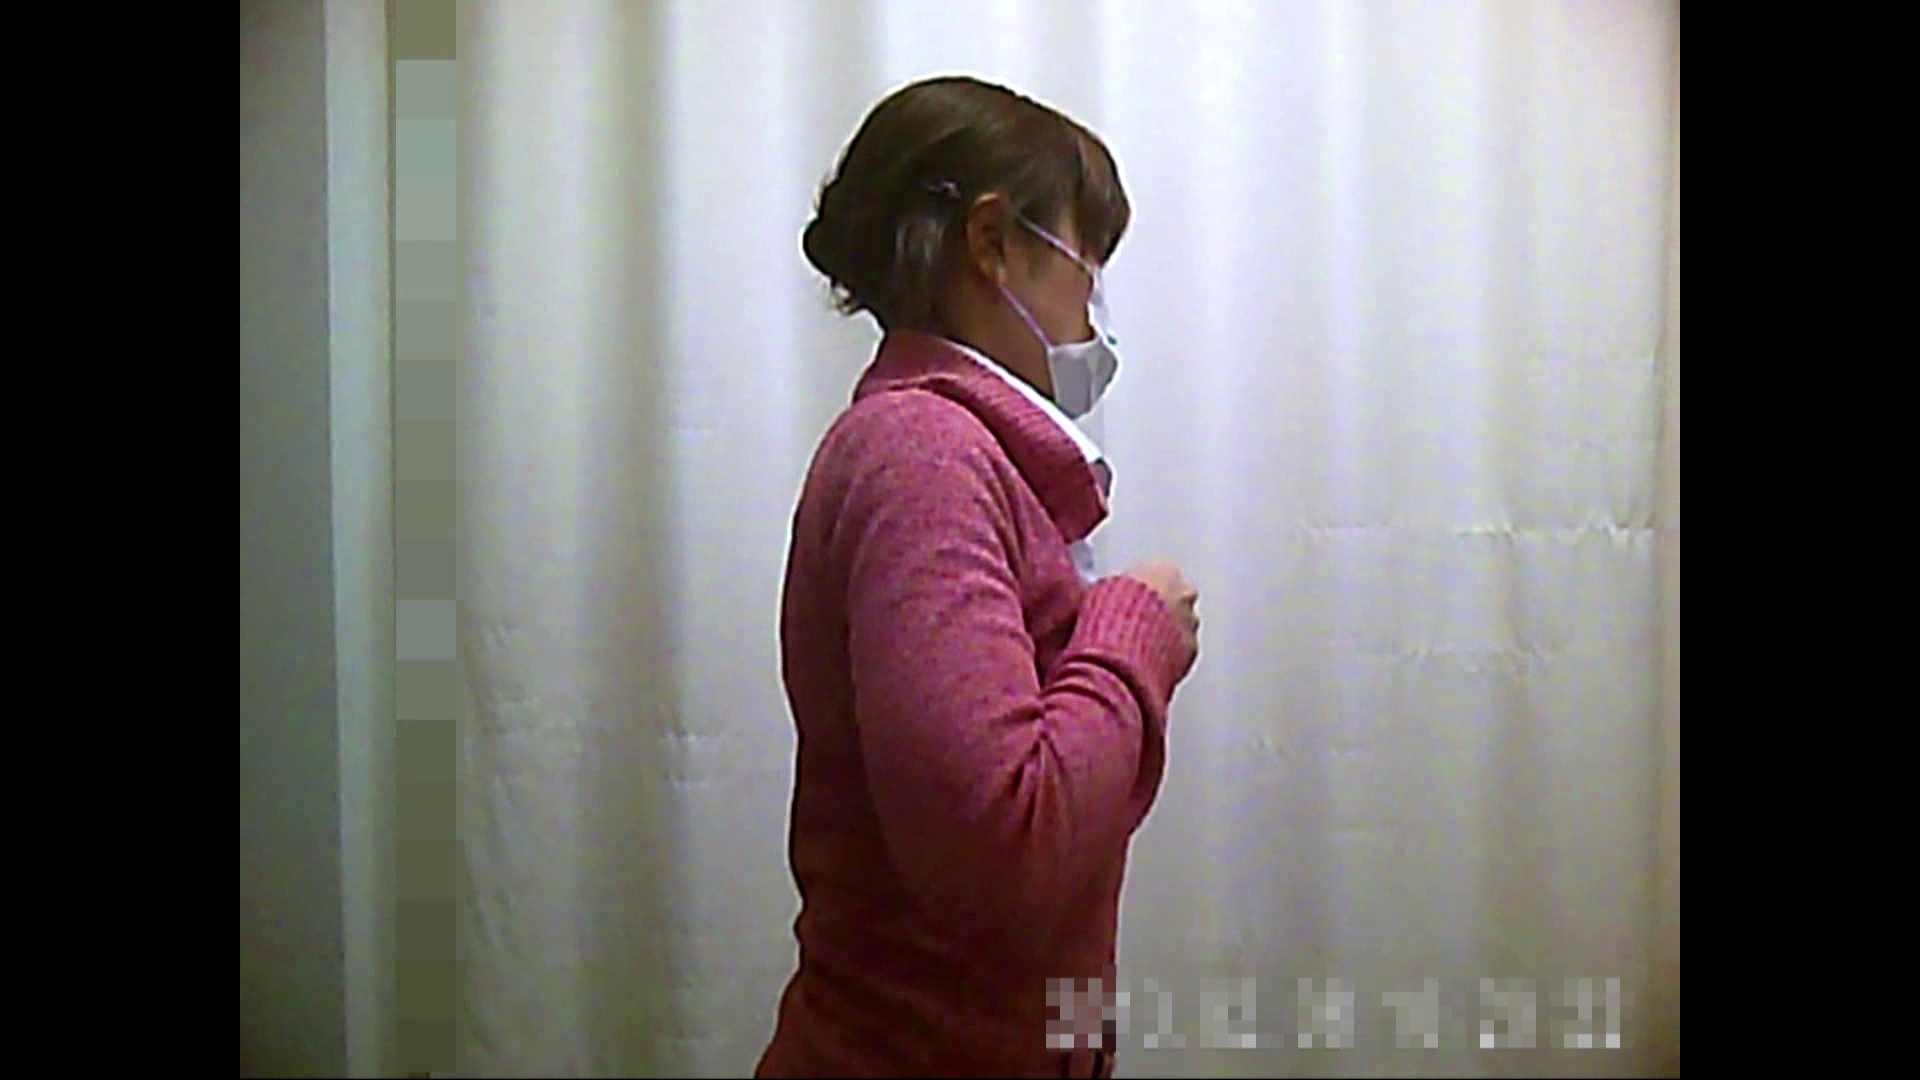 元医者による反抗 更衣室地獄絵巻 vol.148 OLのボディ  62PIX 18